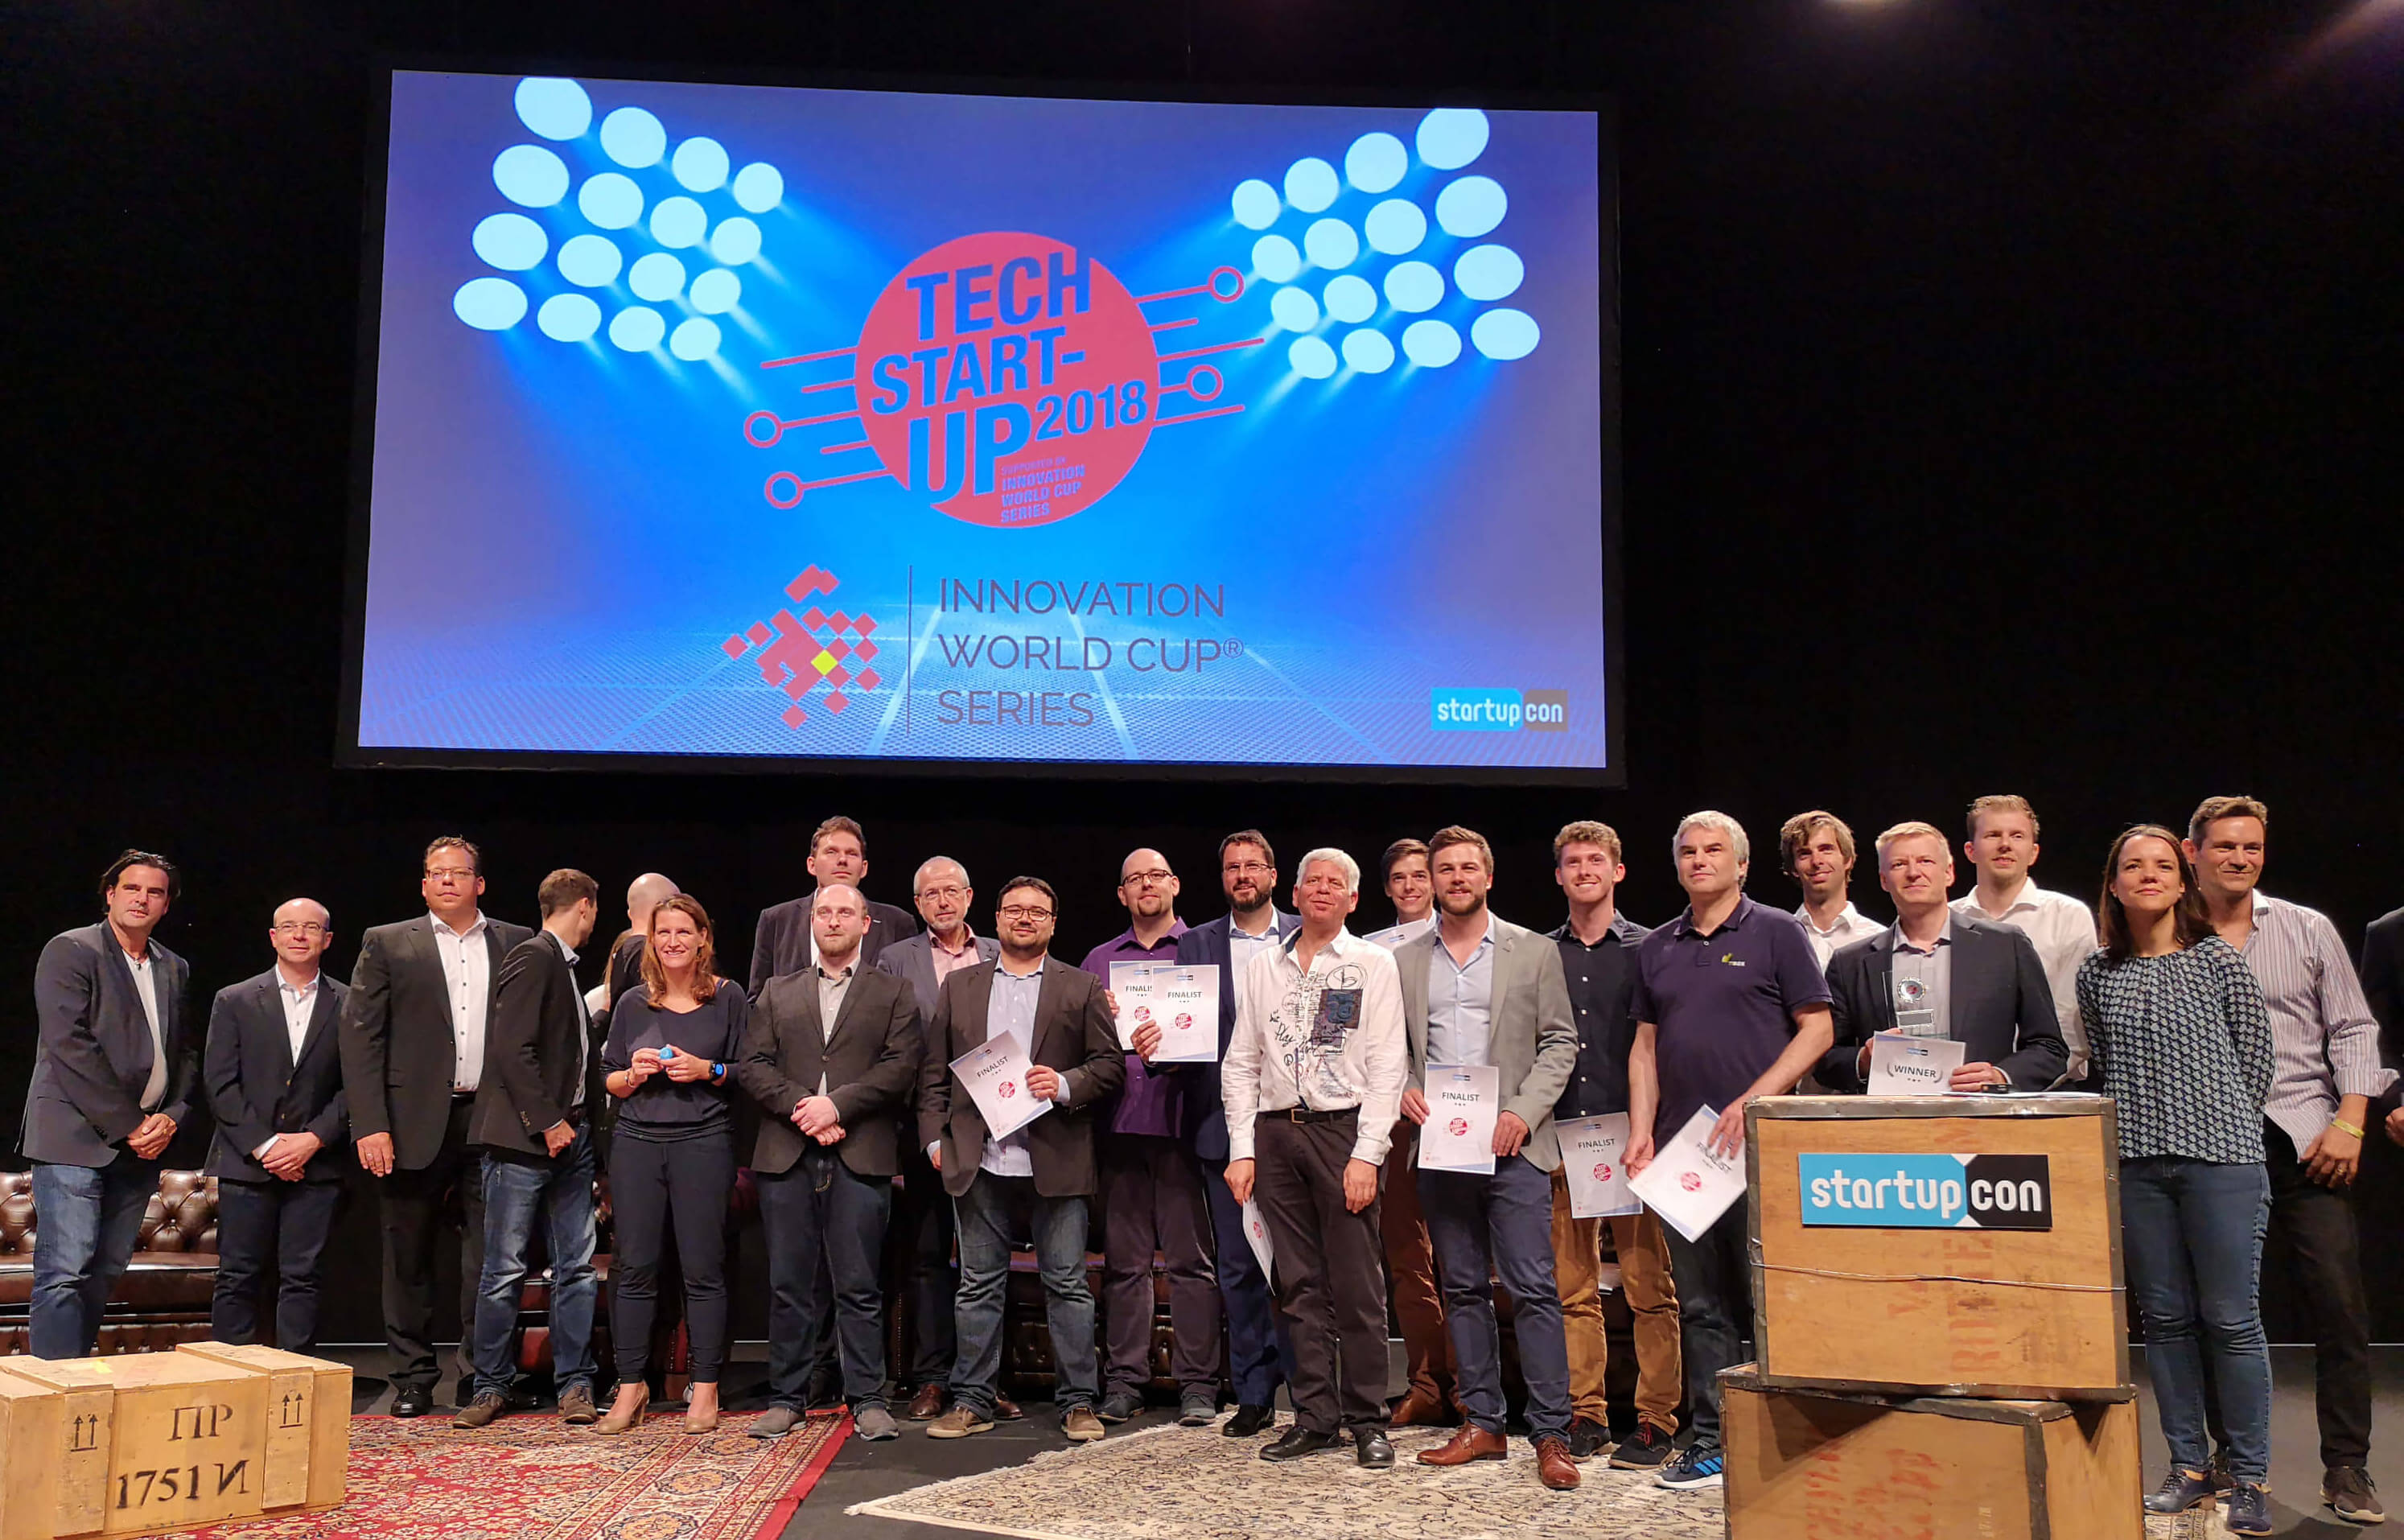 startupcon2018:GreenPocket zählt zu den top 20 Tech-Startups2018!